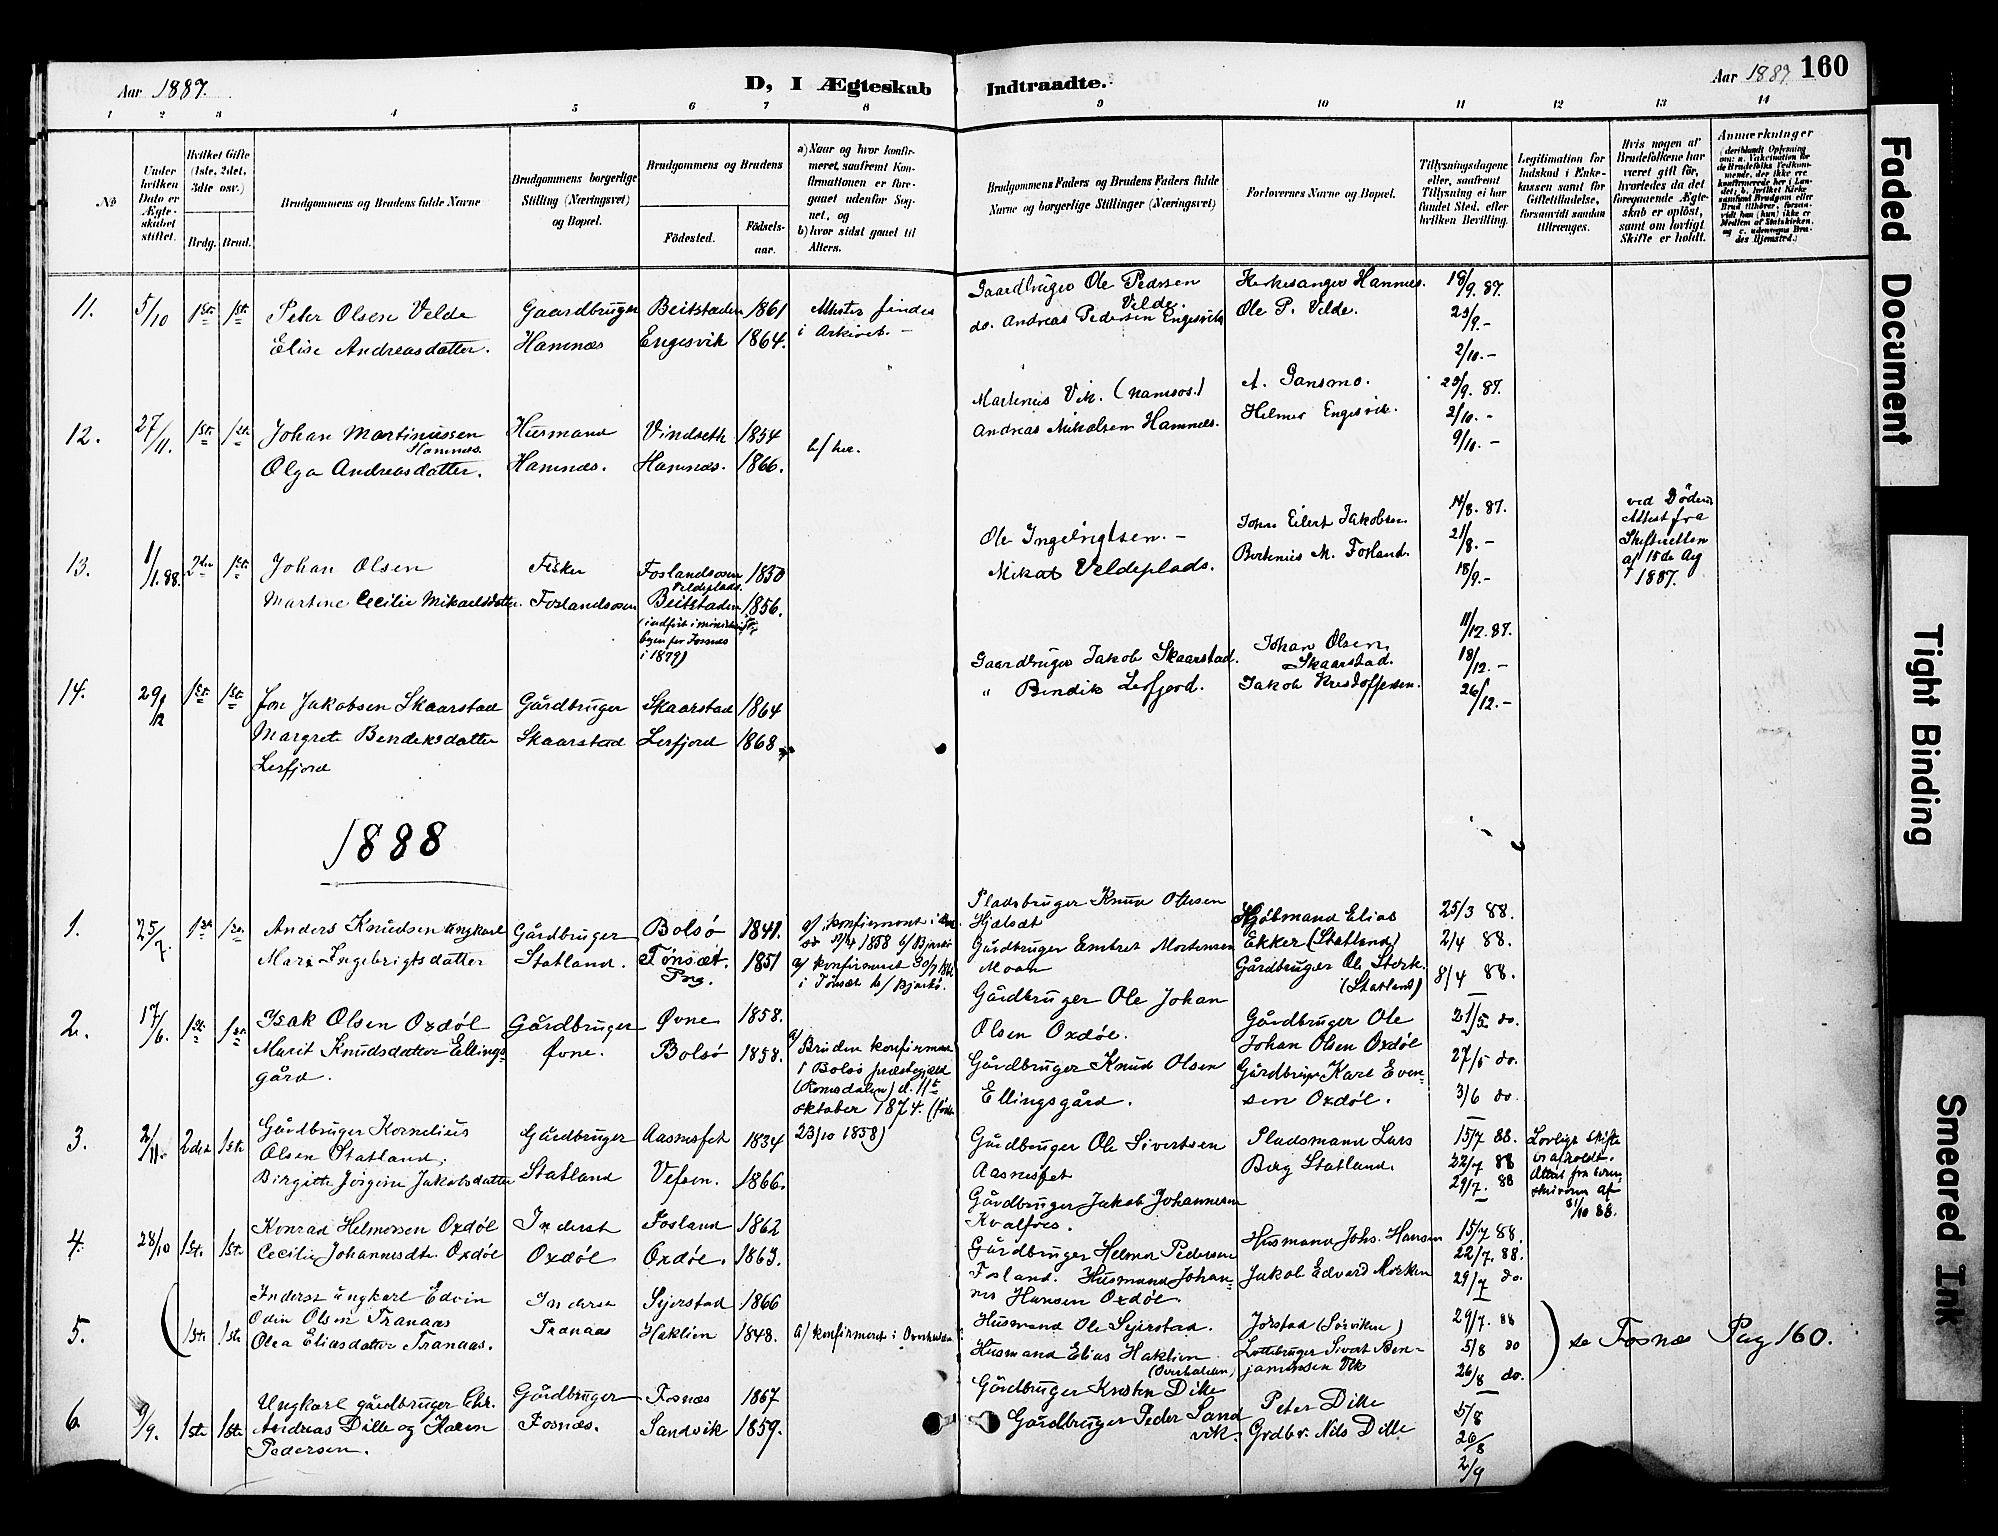 SAT, Ministerialprotokoller, klokkerbøker og fødselsregistre - Nord-Trøndelag, 774/L0628: Ministerialbok nr. 774A02, 1887-1903, s. 160